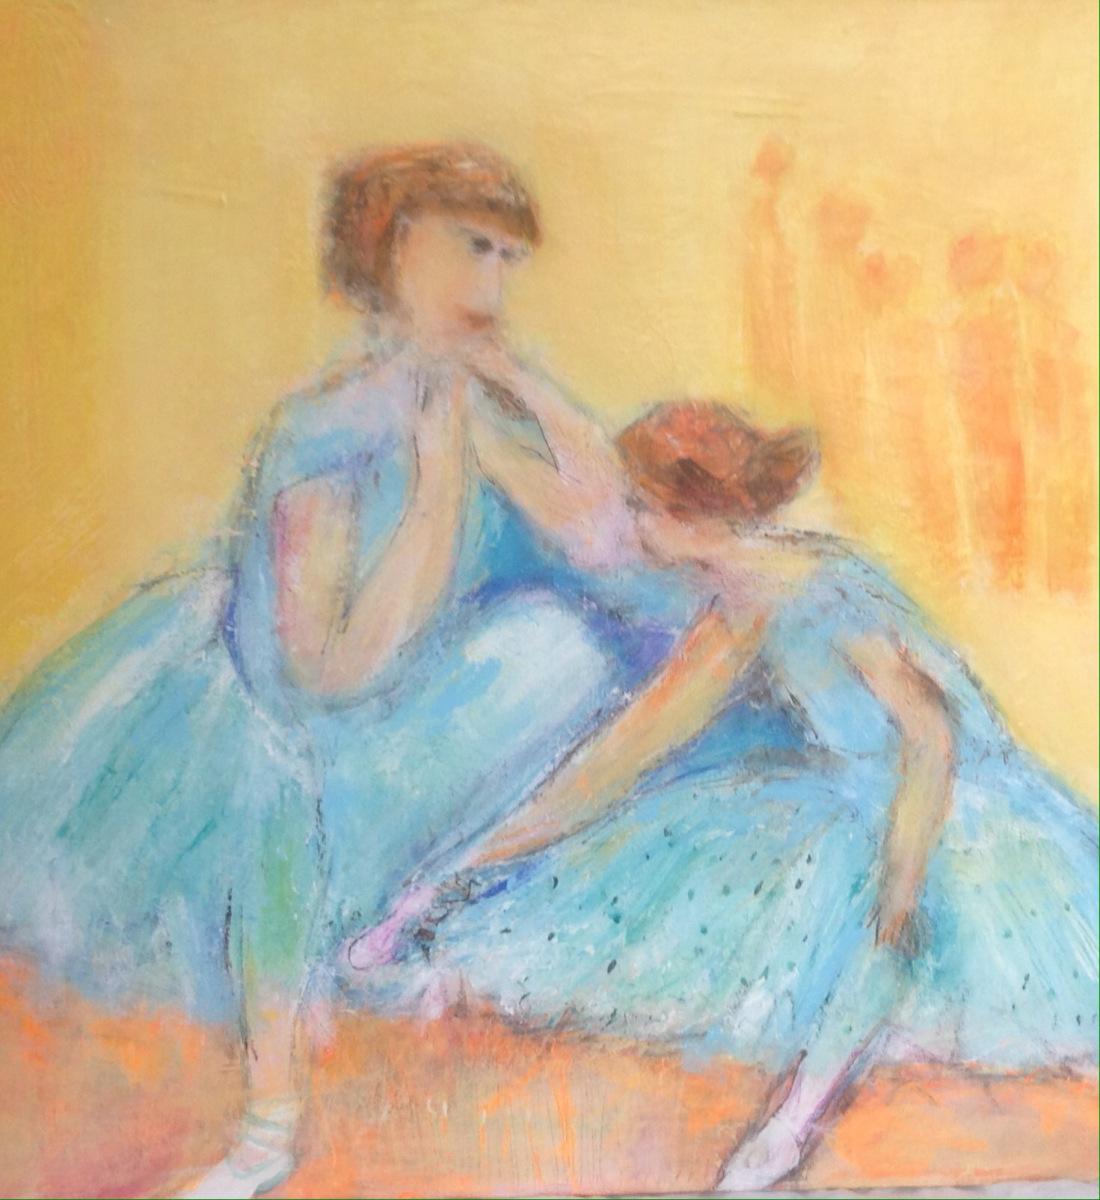 Ballet piger er blevet malet over